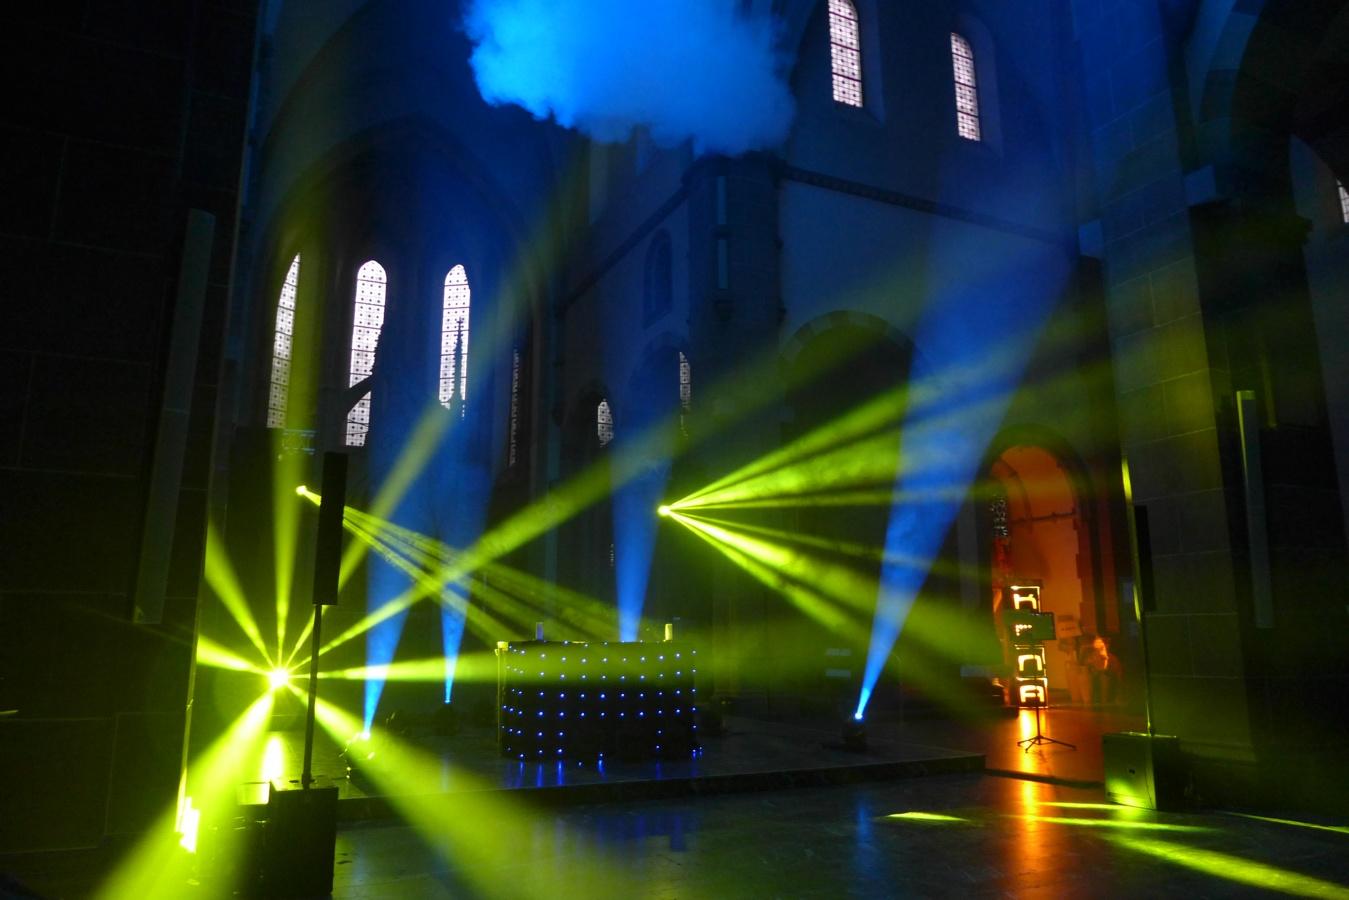 """Spektakulär war die Lichtinstallation des """"Kana""""-Lichtteams, auf Musik genau abgestimmt, die den Kirchenraum in bunten Farben und jeder Menge Bühnennebel erstrahlen ließ.Foto: Anja Baumgart-Pietsch"""